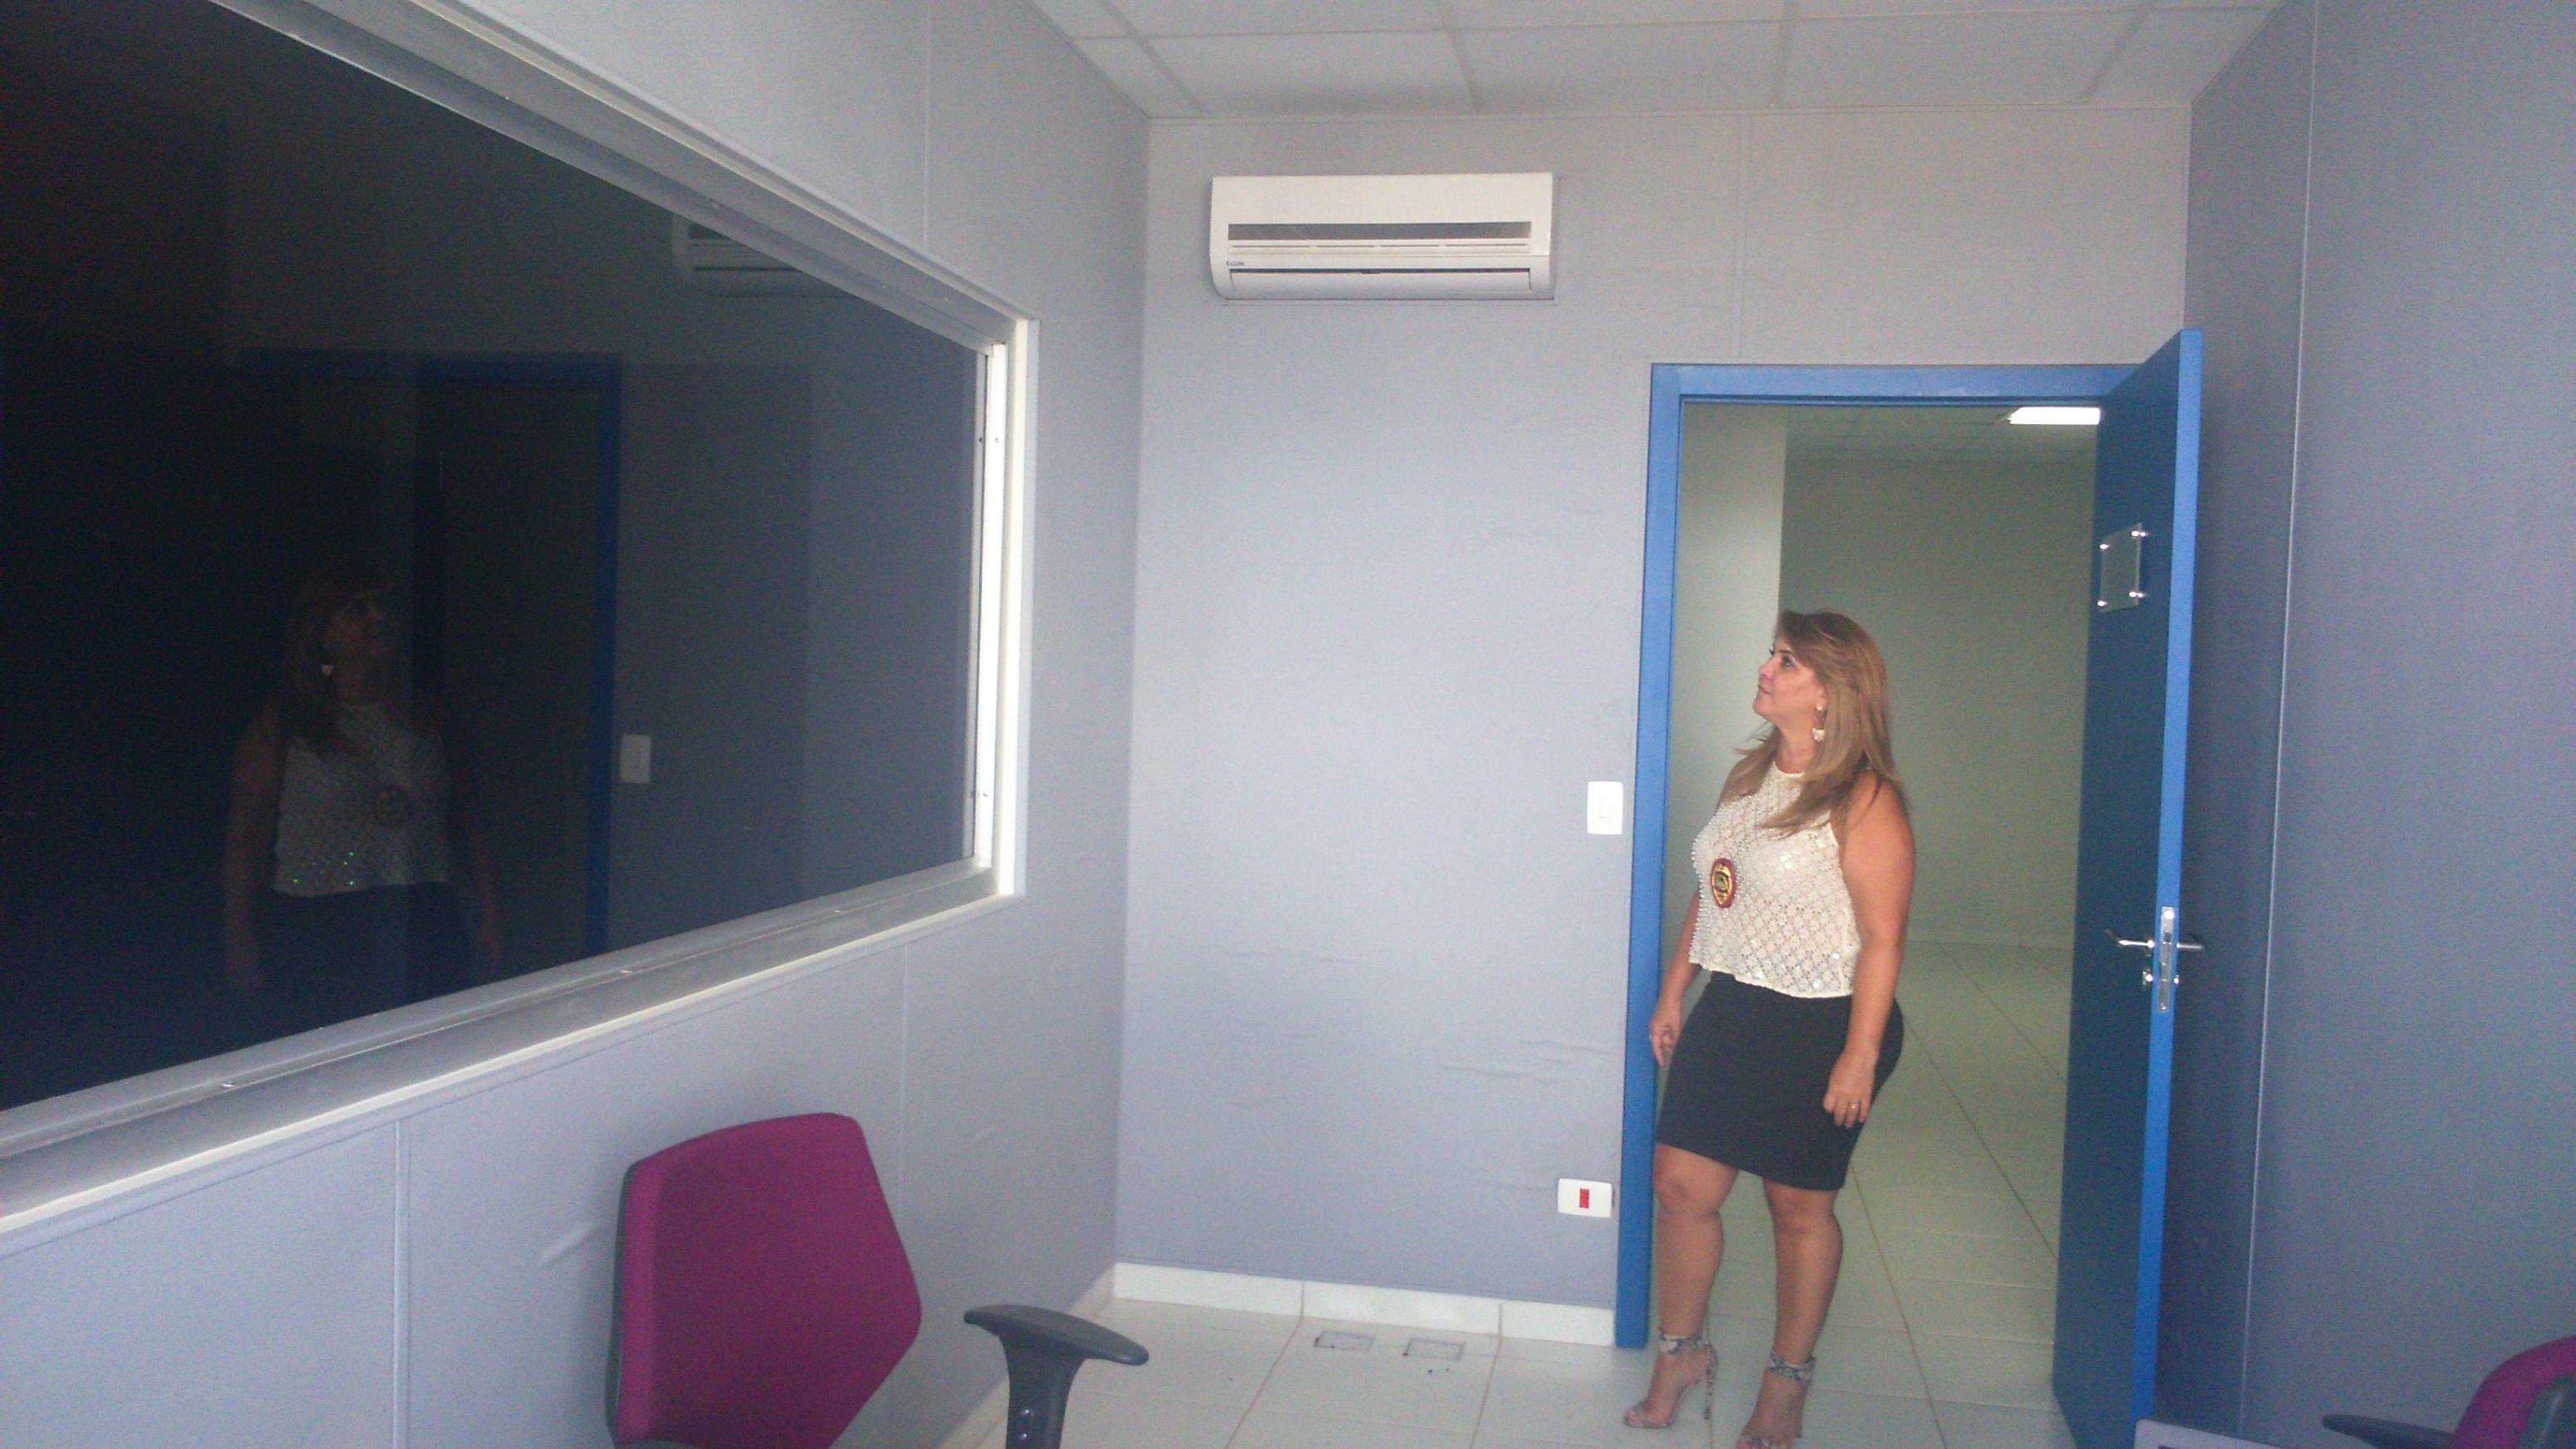 Sala de reconhecimento da DEAM na Casa da Mulher Brasileira de Campo Grande (MS)  (Foto: Luciana Araújo)